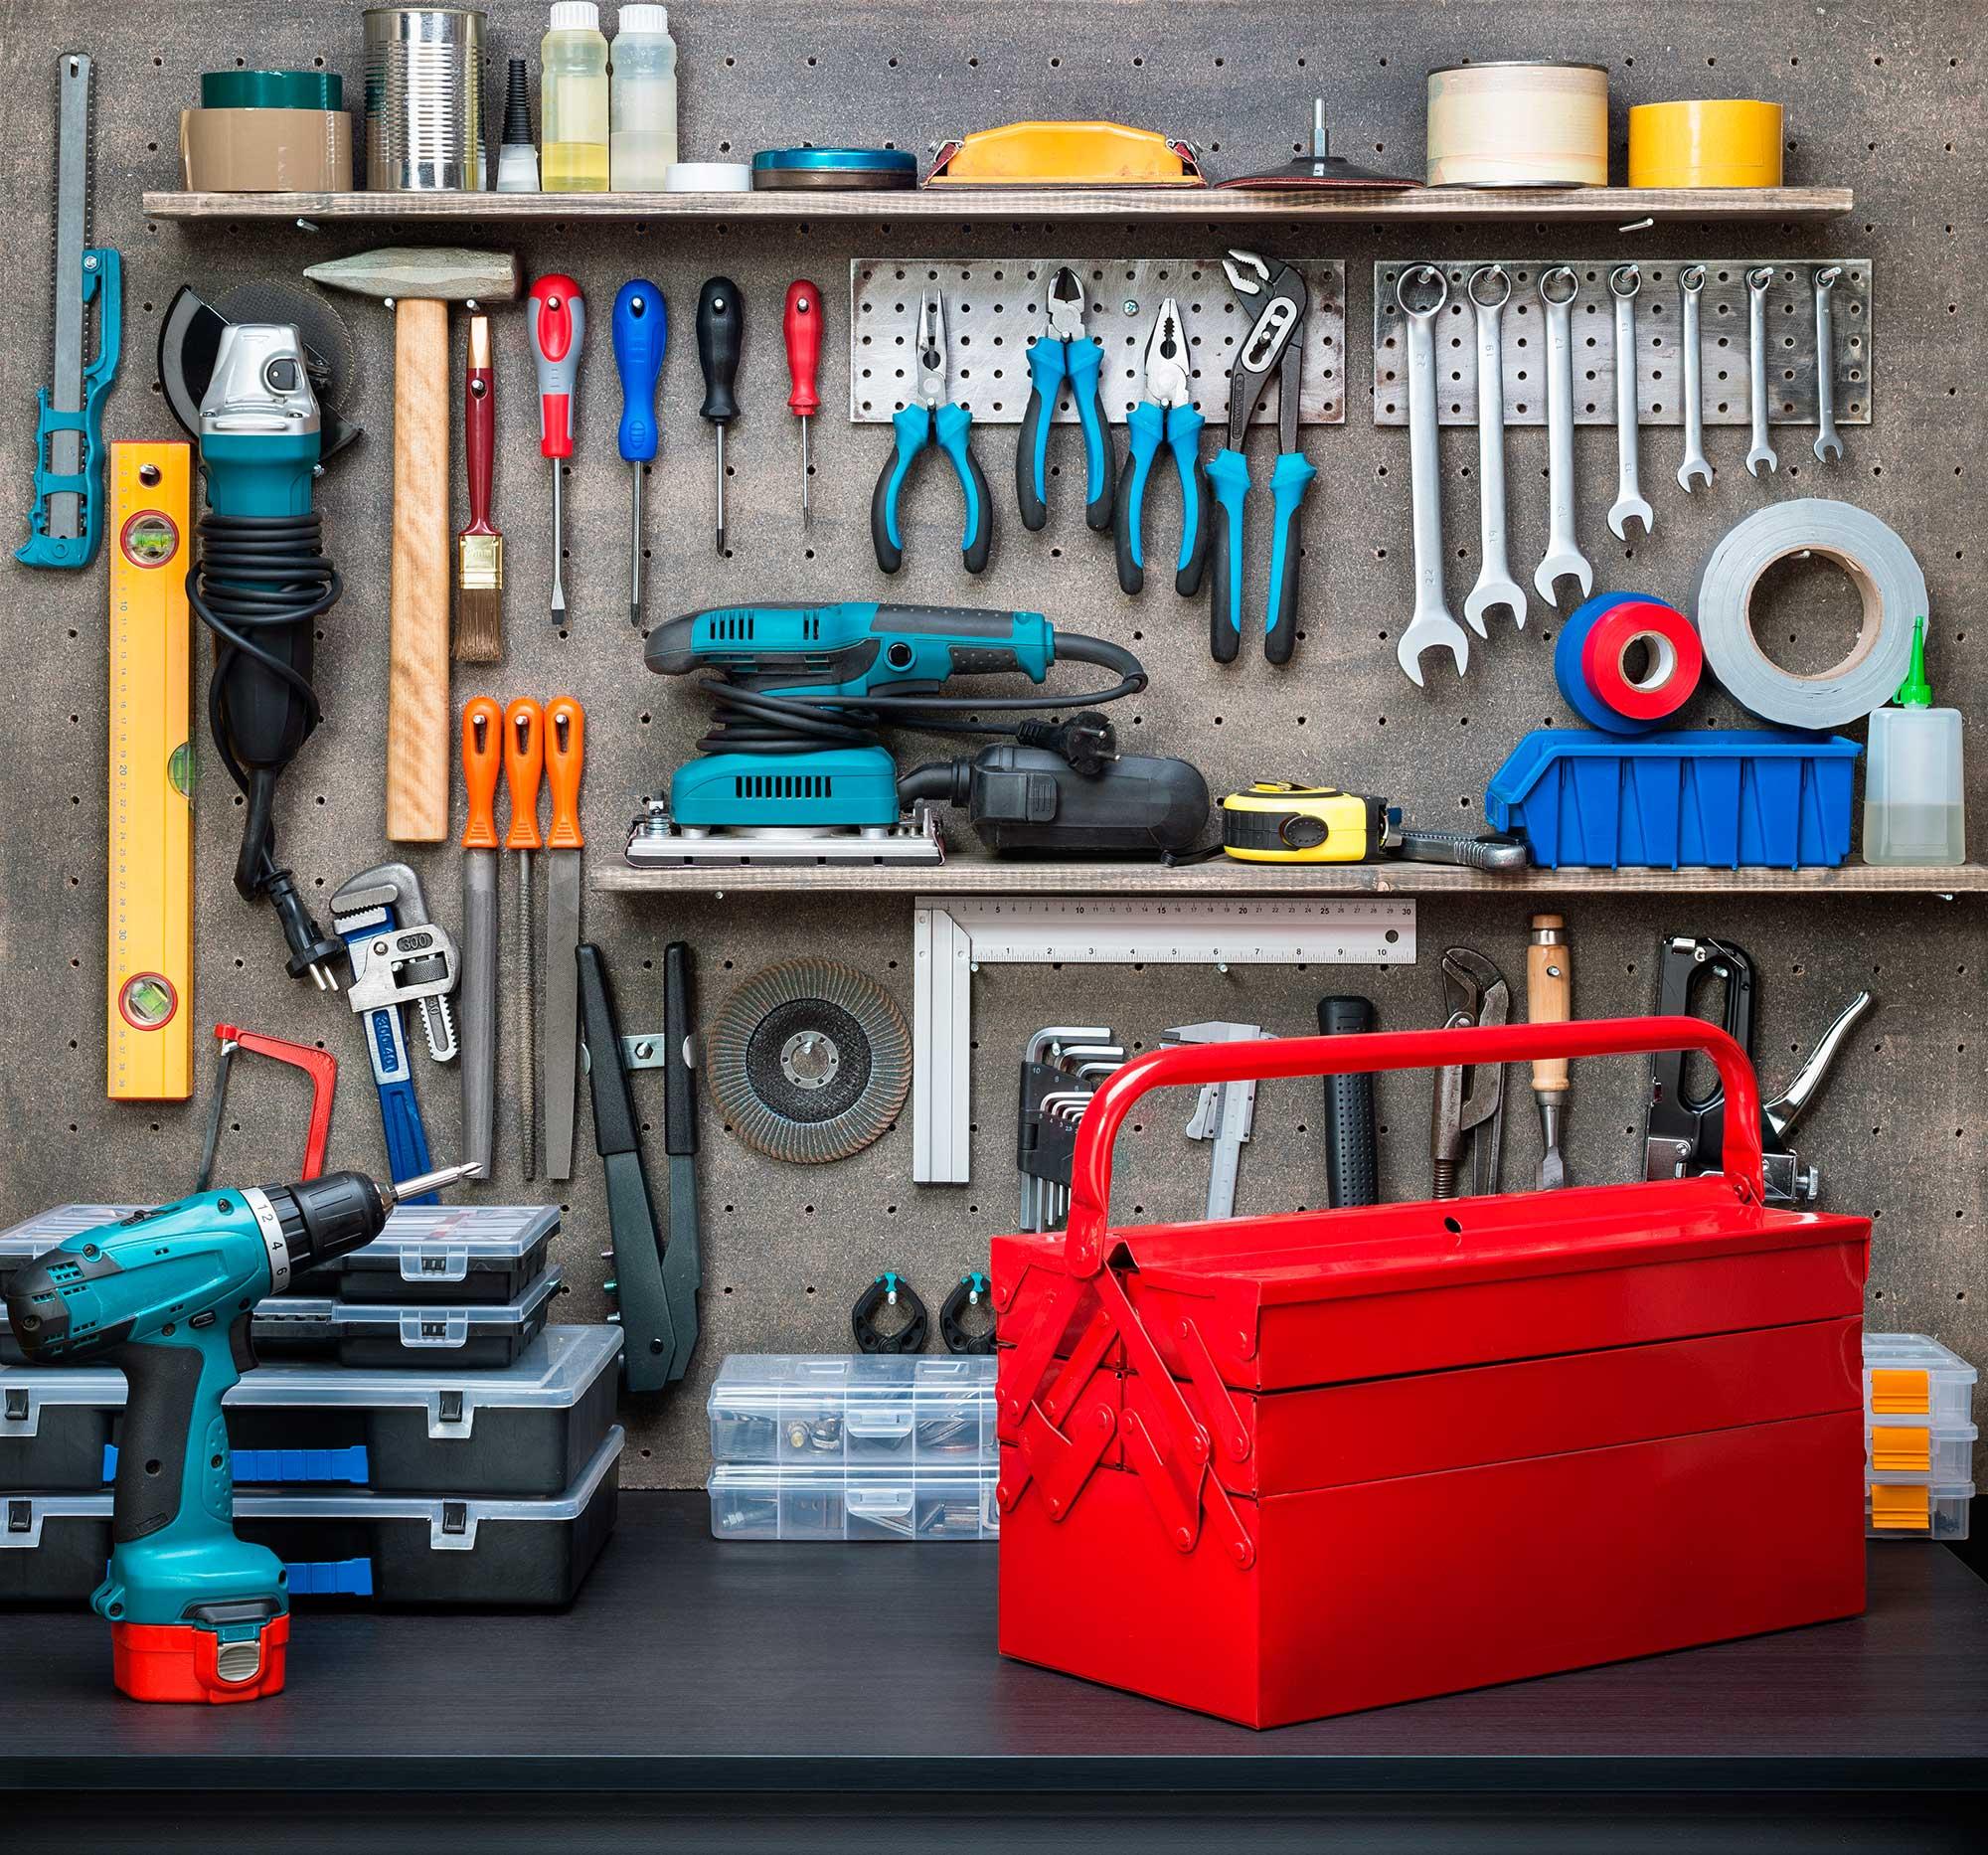 Werkzeuge und Betriebseinrichtungen höchster Qualität - MIS Mauel  Industrie-Service GmbH & Co. KG